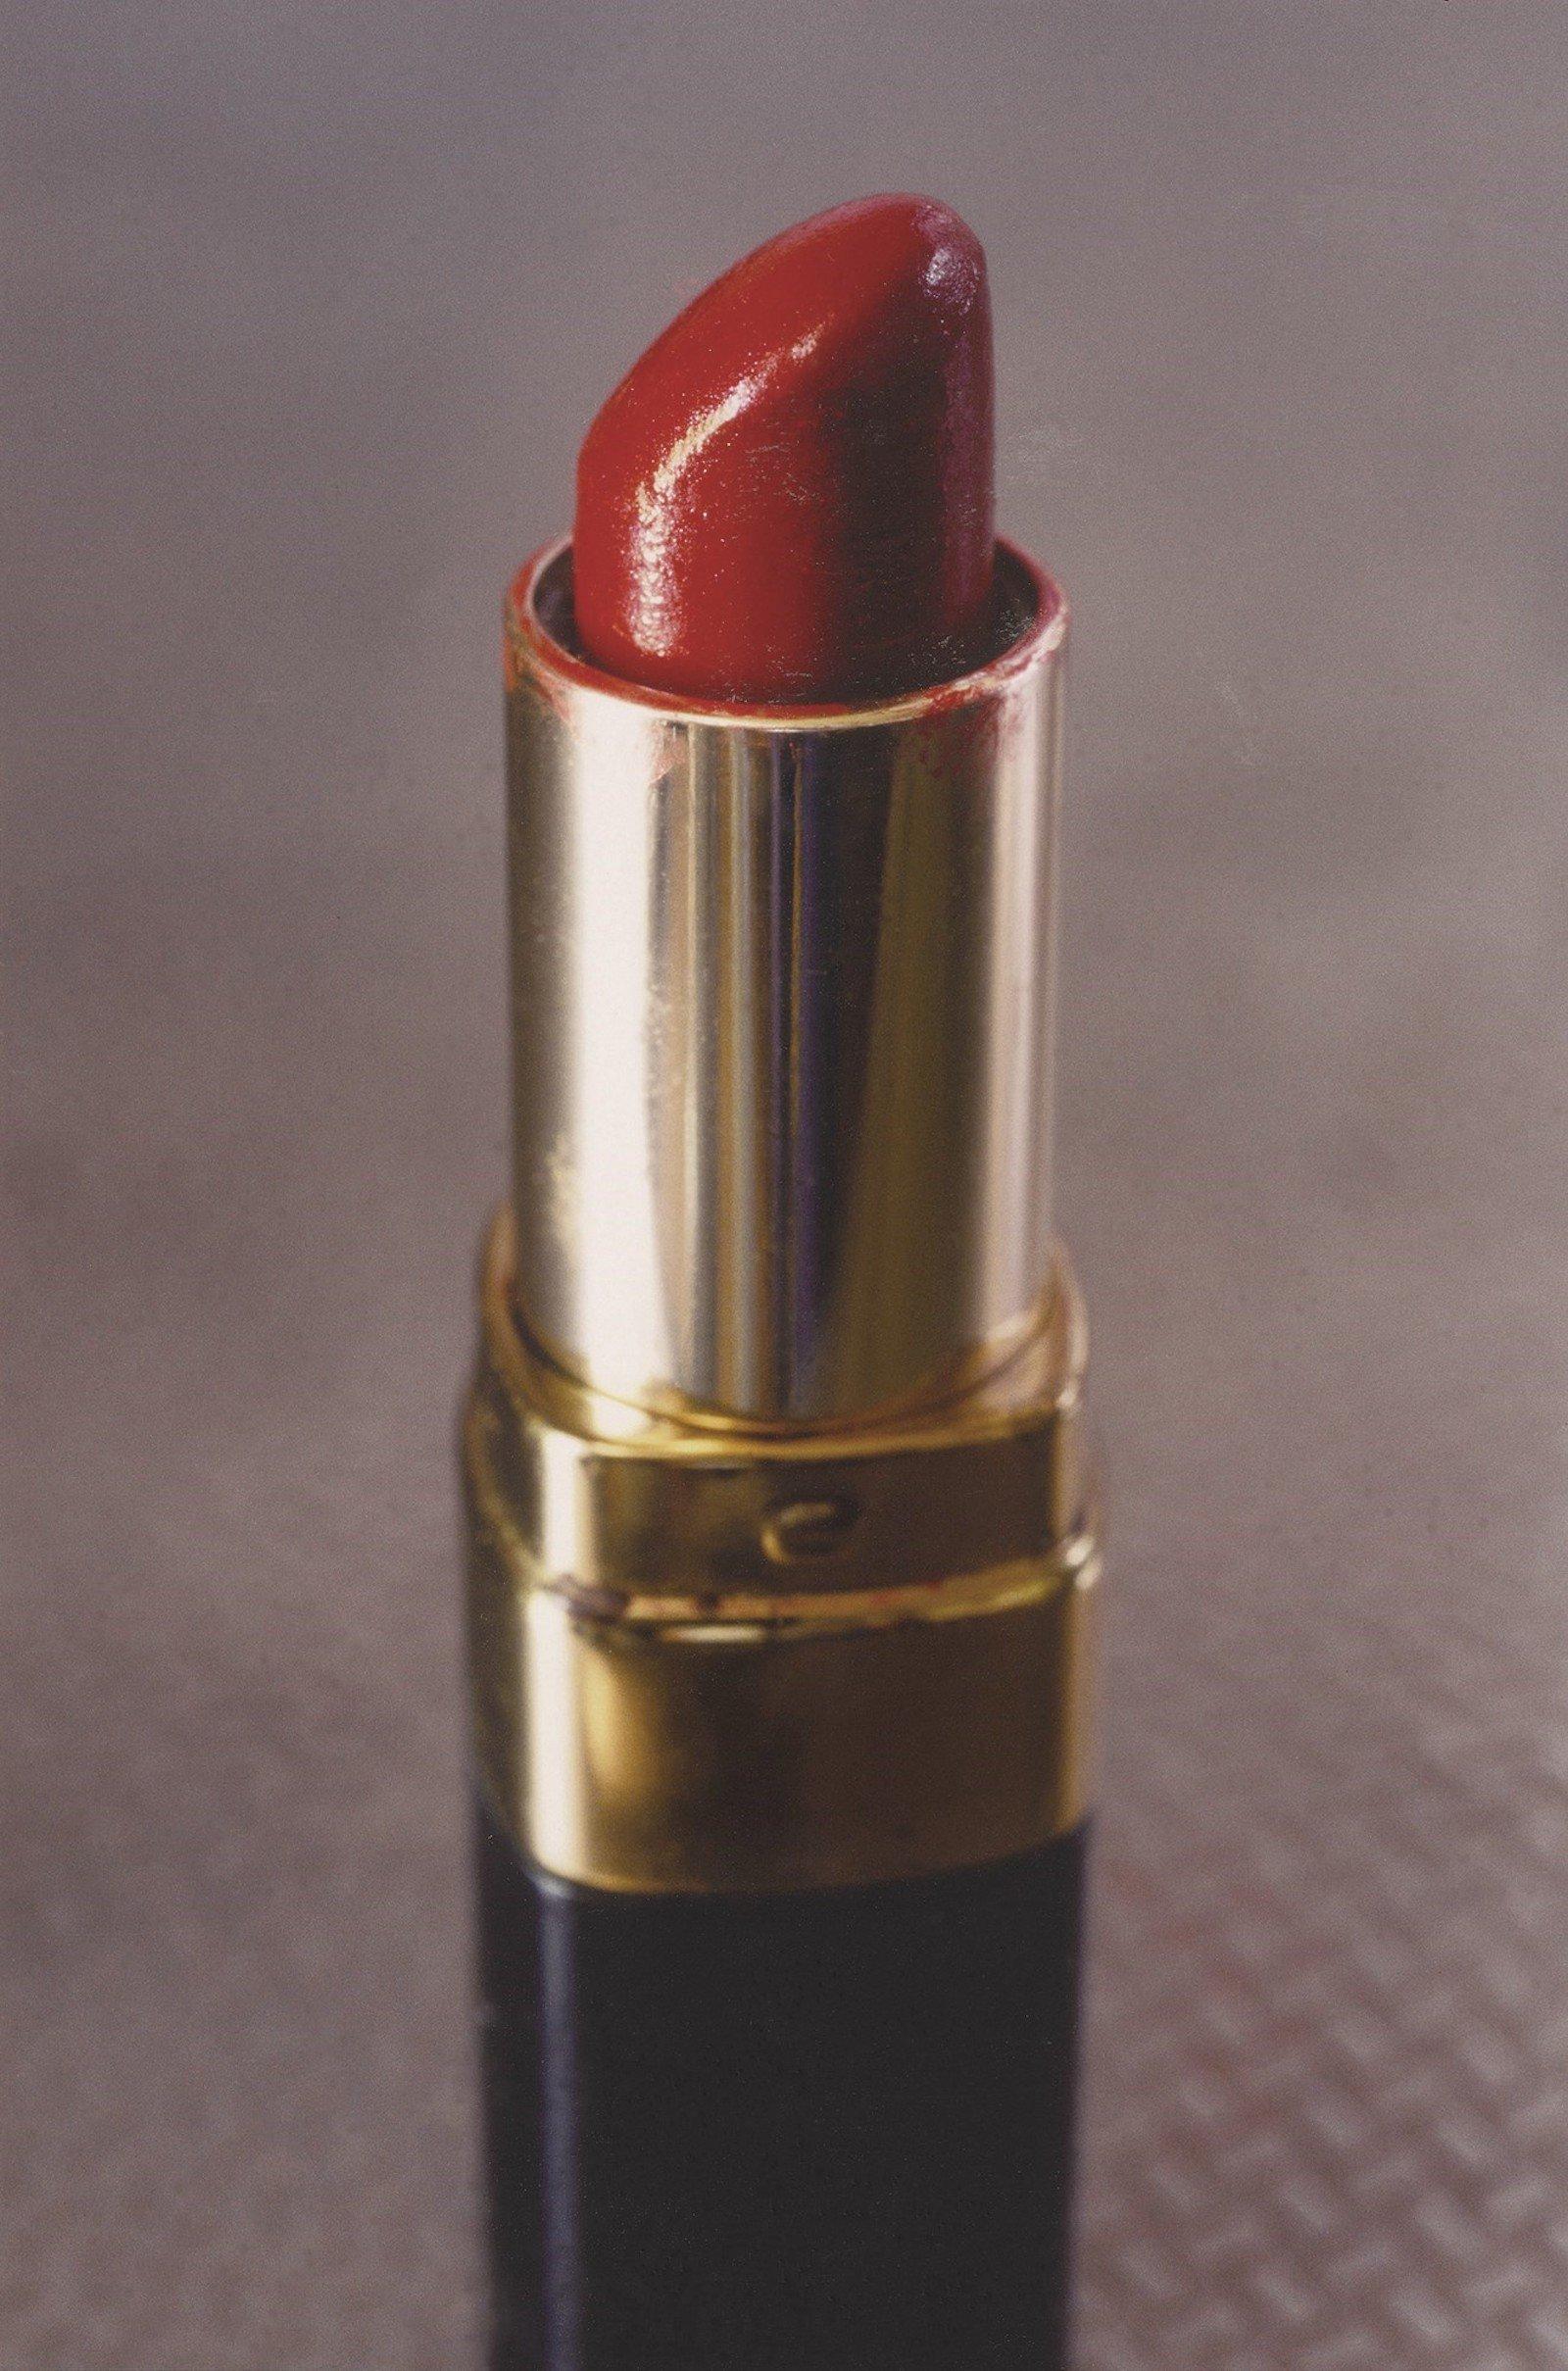 IGNANT-Print-Lena-Fritsch-Ravens-&-Red-Lipstick-Ishiuch-Miyako